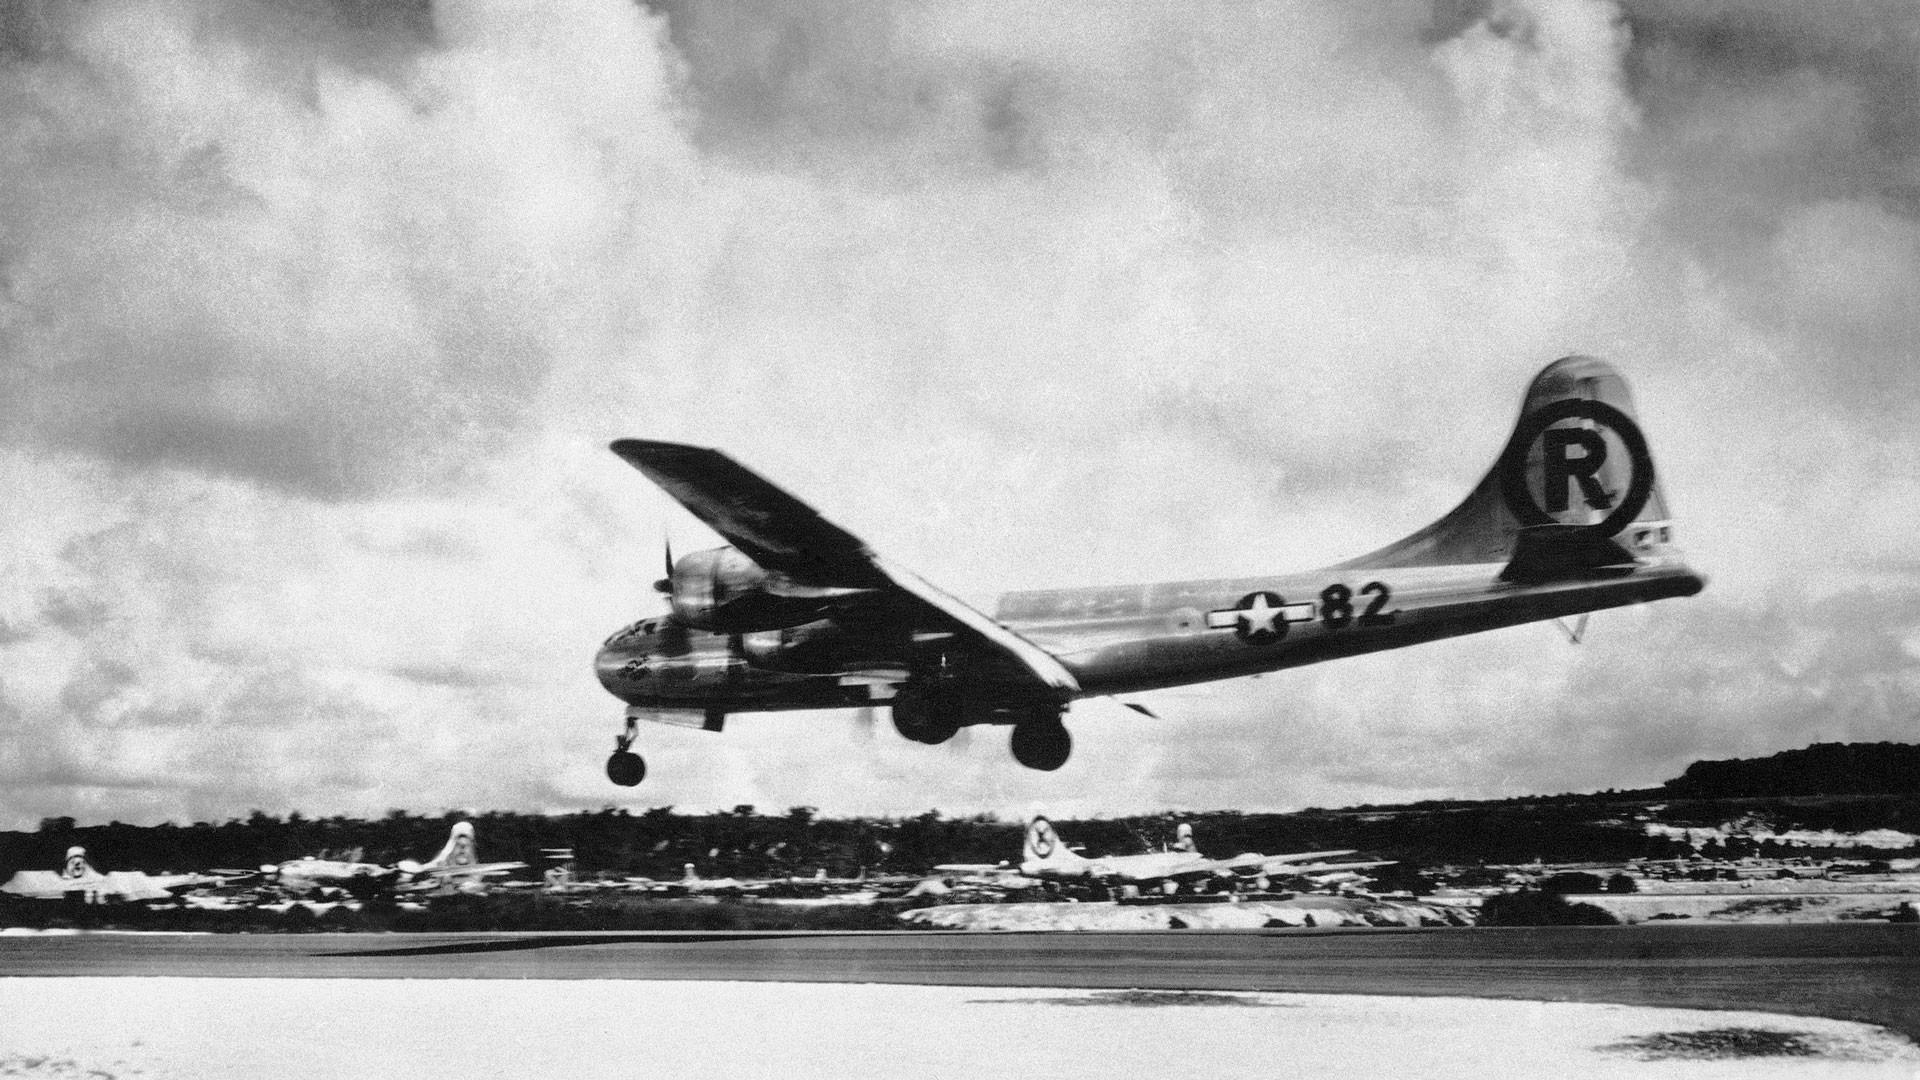 """Бомбардировщик """"Энола Гей"""" 6 августа 1945 года приземляется на Тиниане после атомной бомбардировки японского города Хиросимы. Фото: © AP Photo / Max Desfor"""